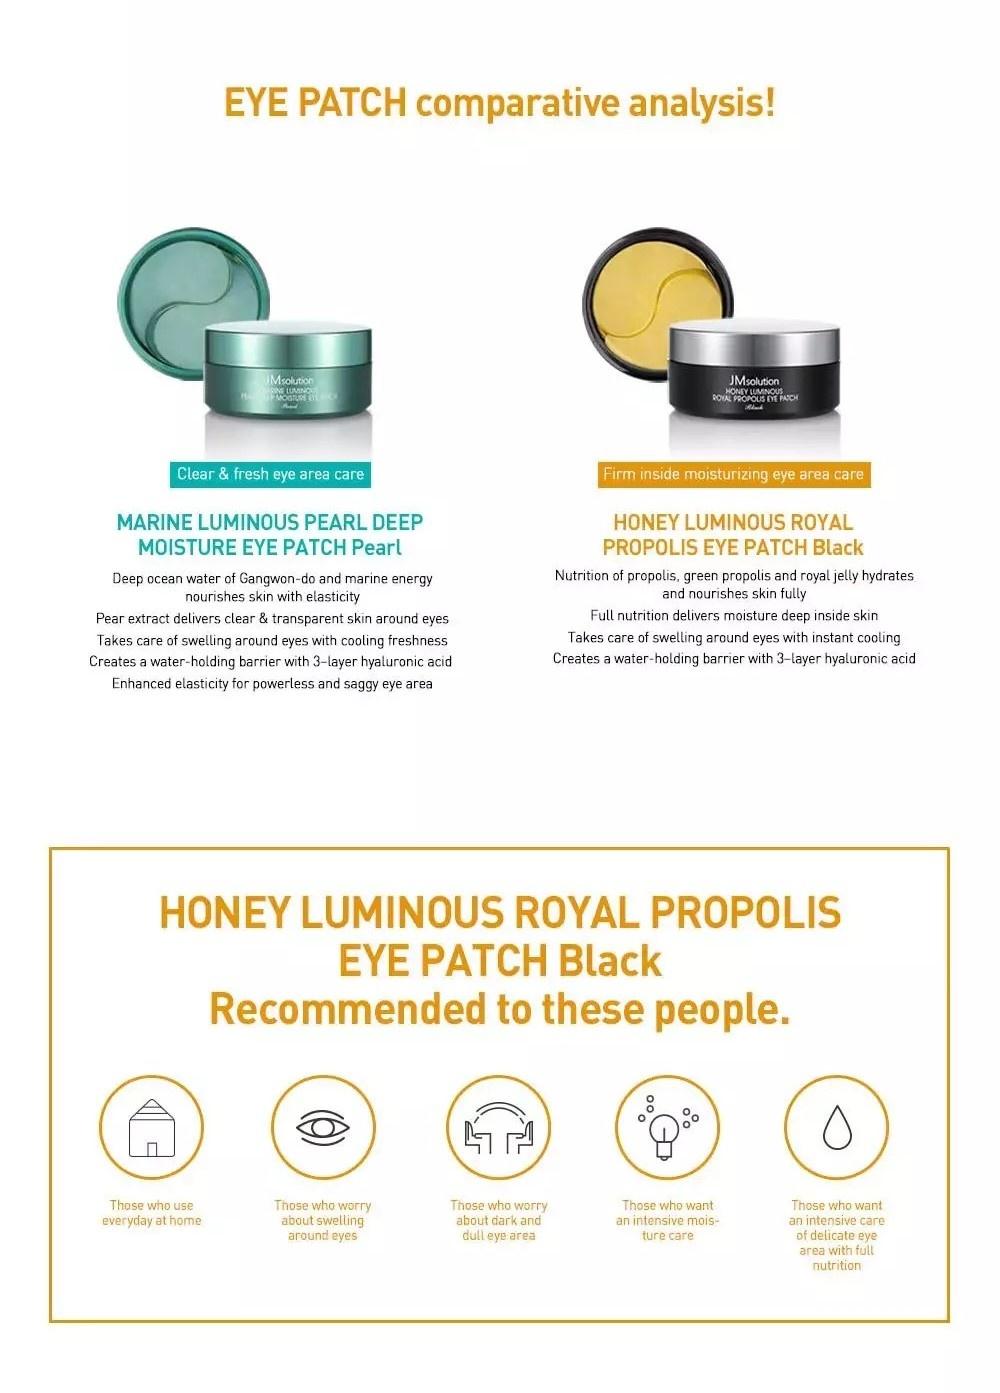 Honey Luminous Royal Propolis Eye Patch-7